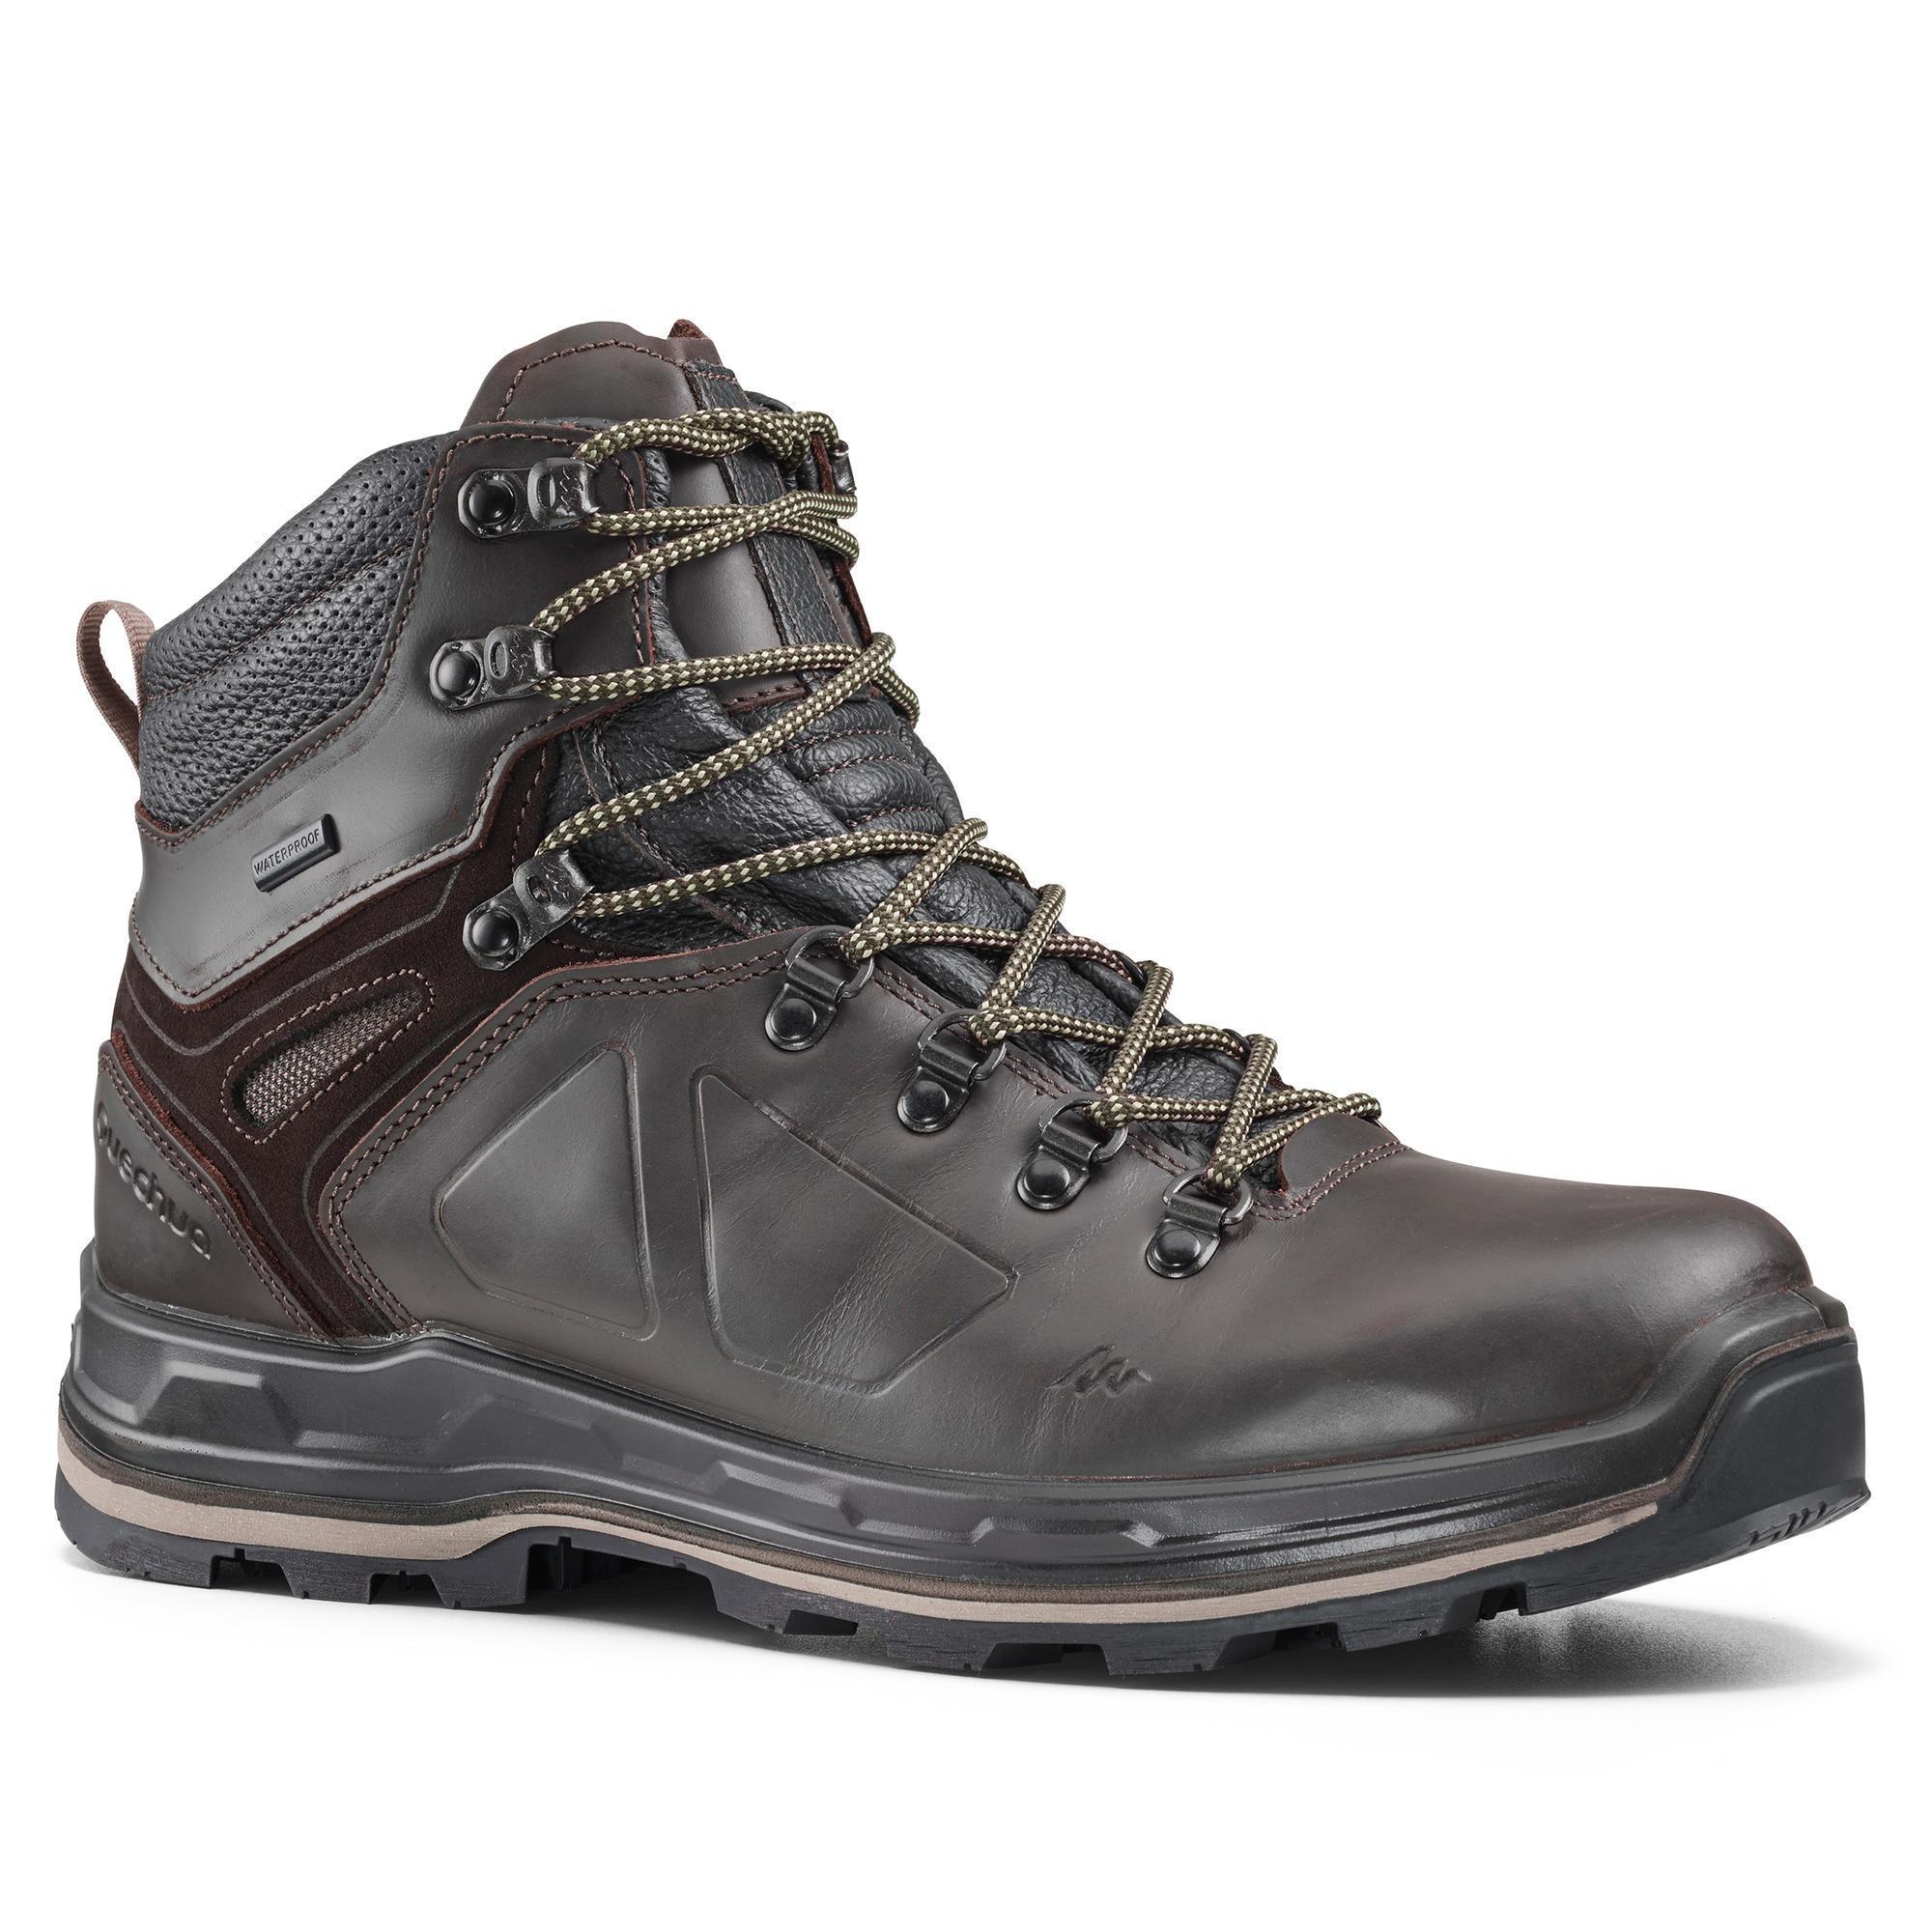 Chaussures de randonnée Trek500 pour Homme - Tailles 39, 43, 46, 47 et 48